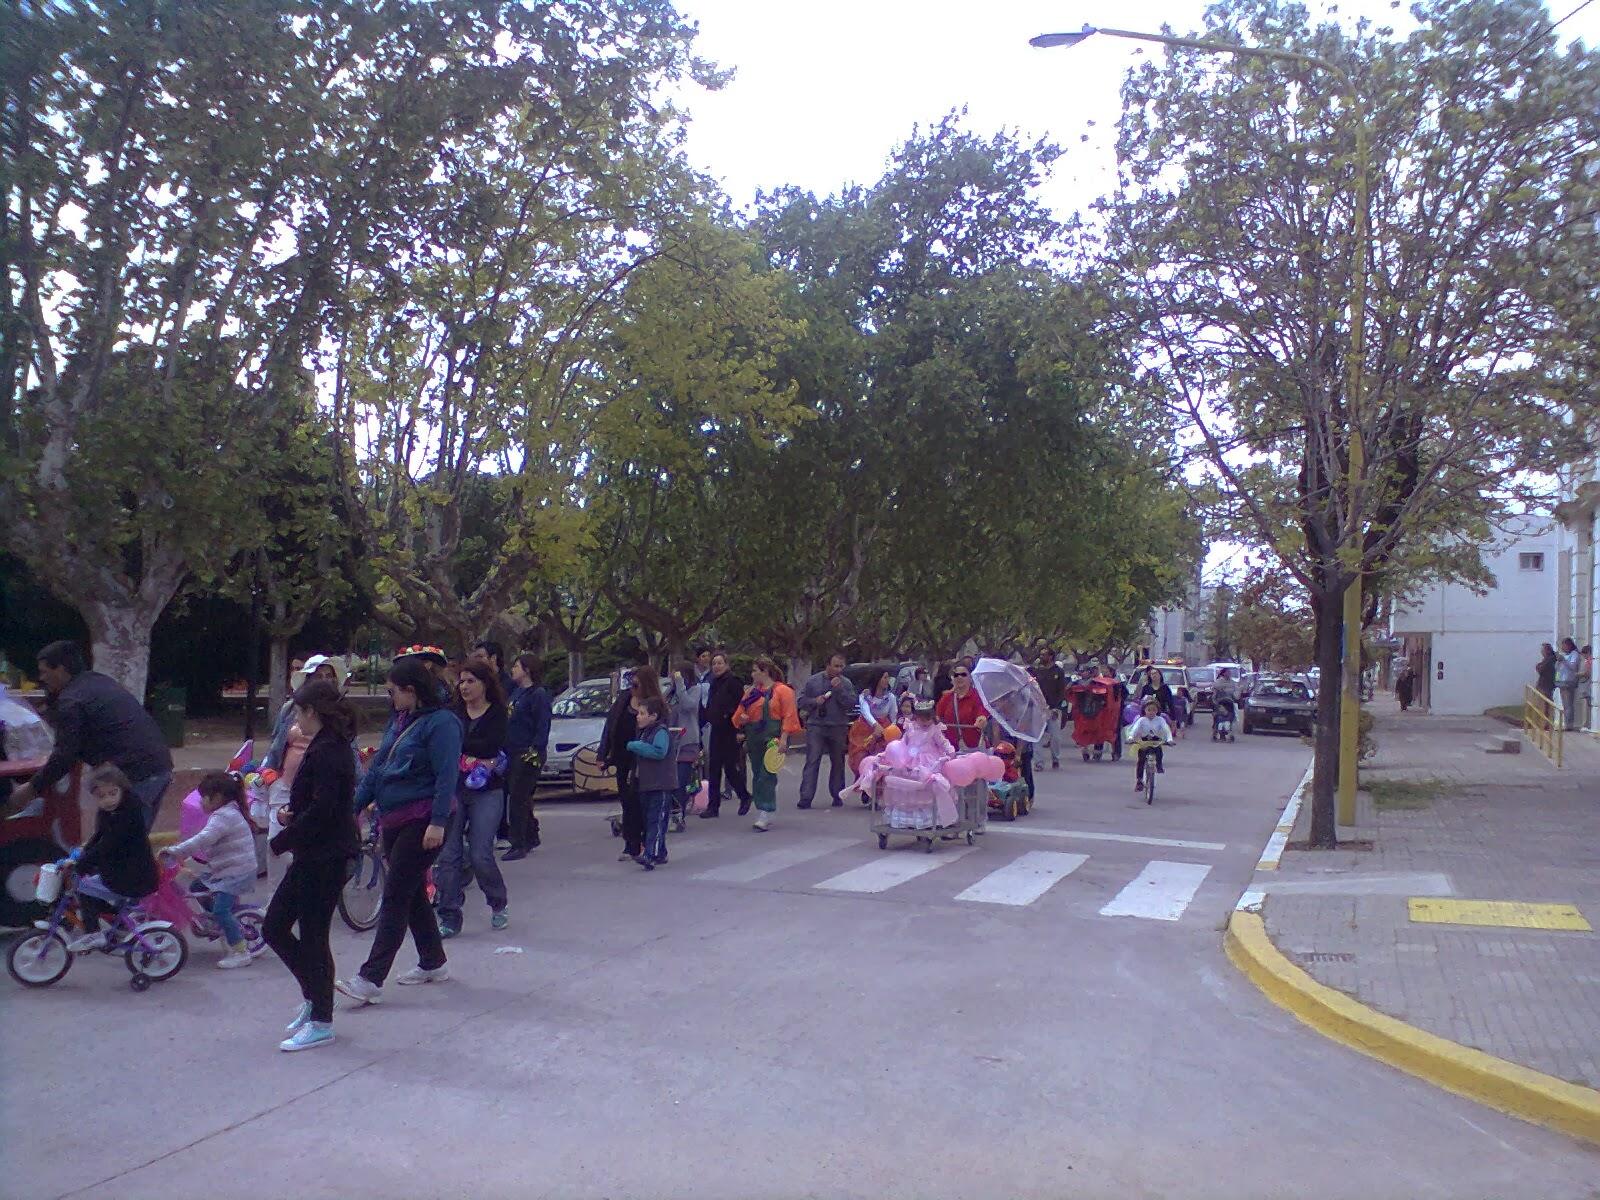 Caminata organizada por el jardin 901 el transito en chaves for Jardin 901